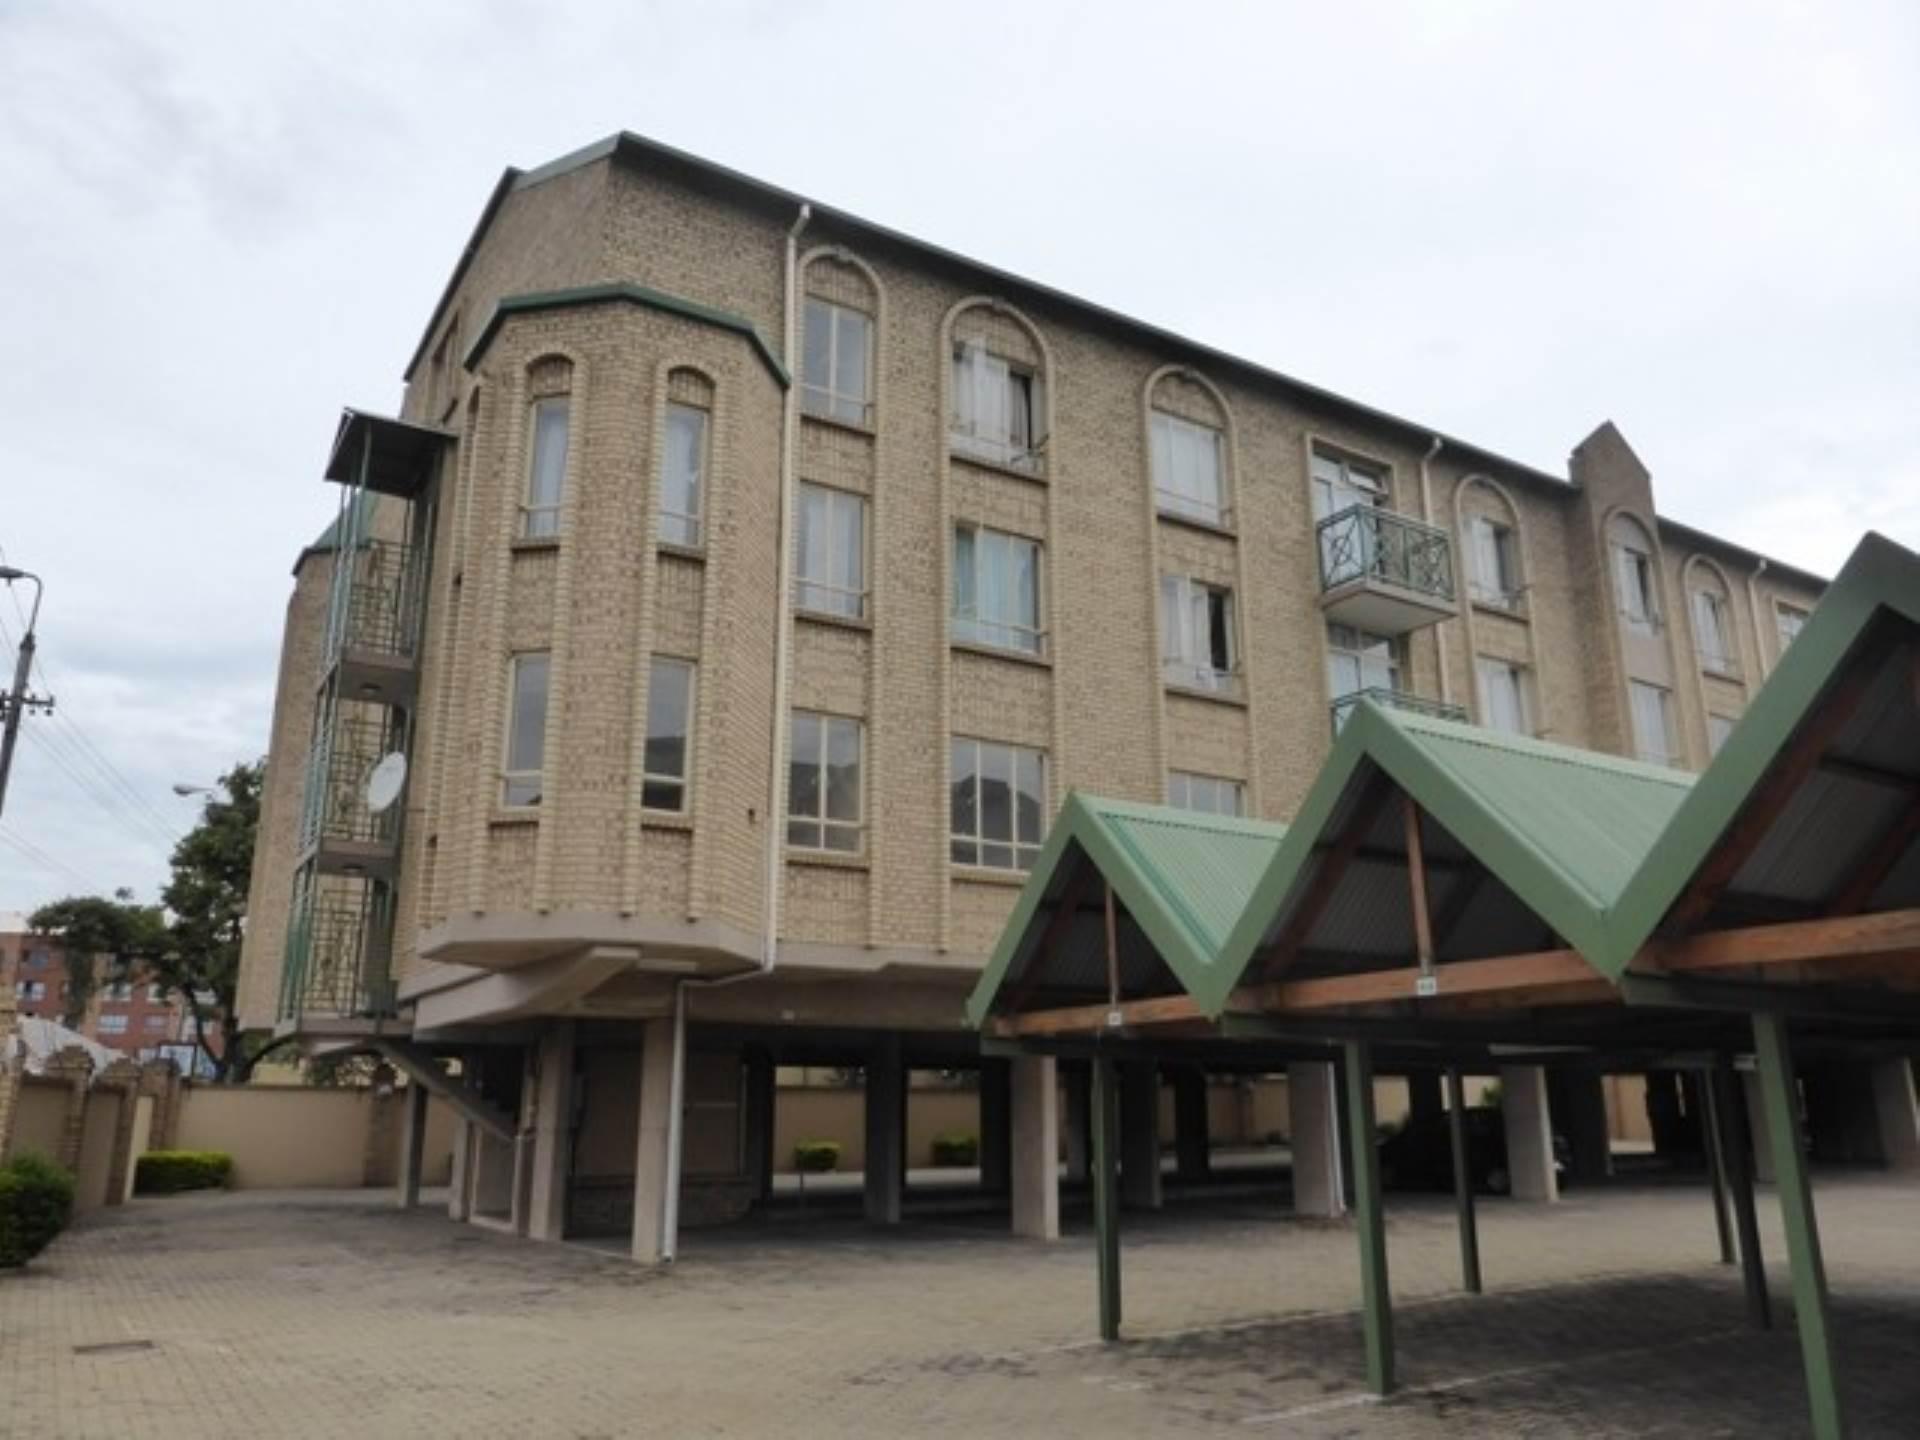 1 BedroomApartment To Rent In Hatfield